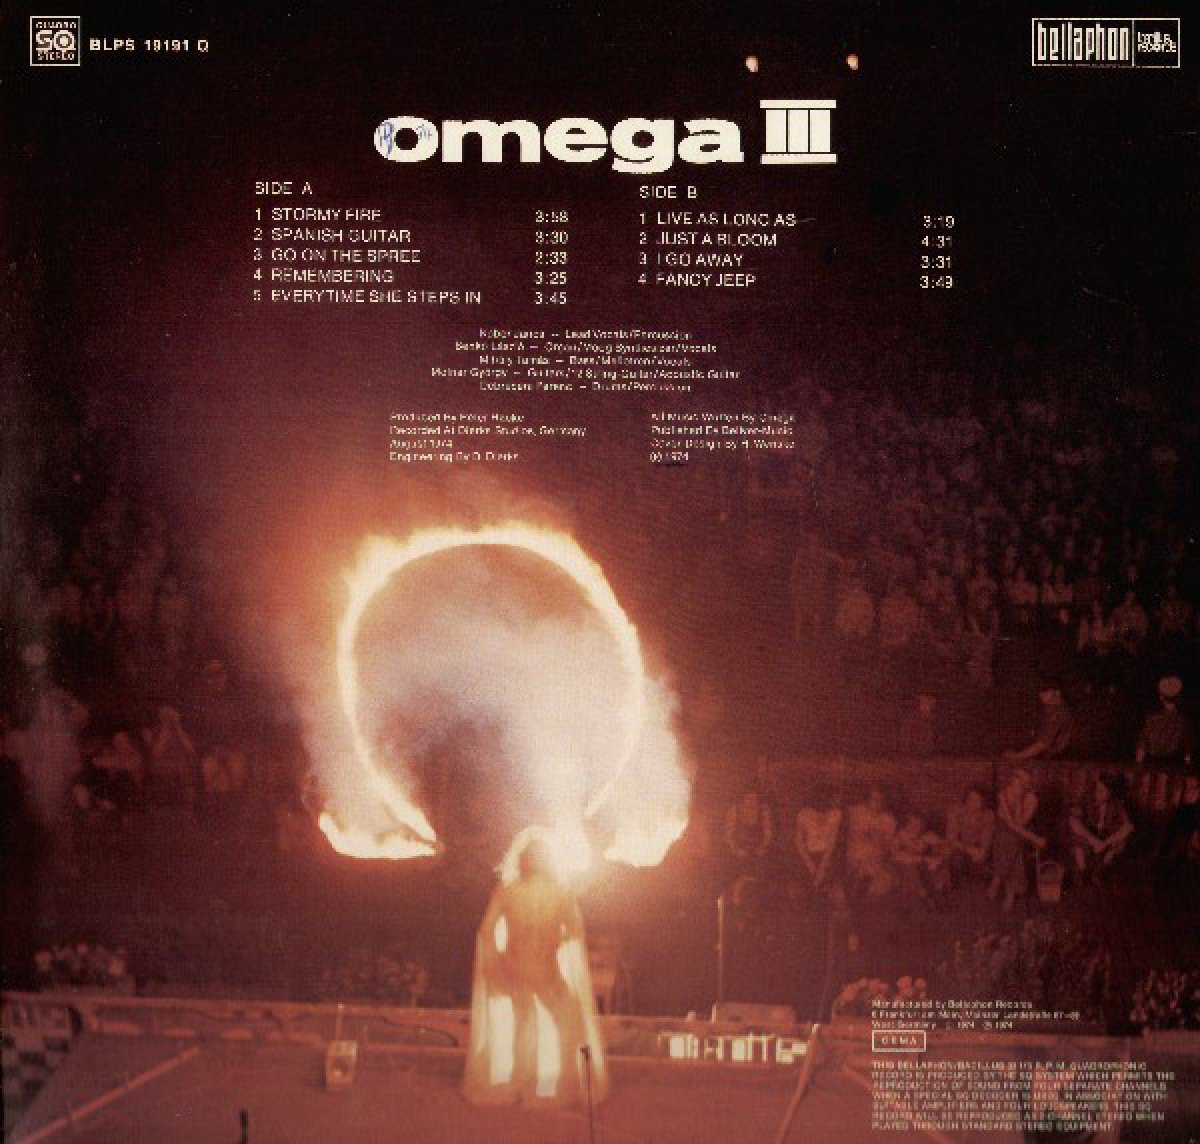 """Omega """"Omega III"""""""